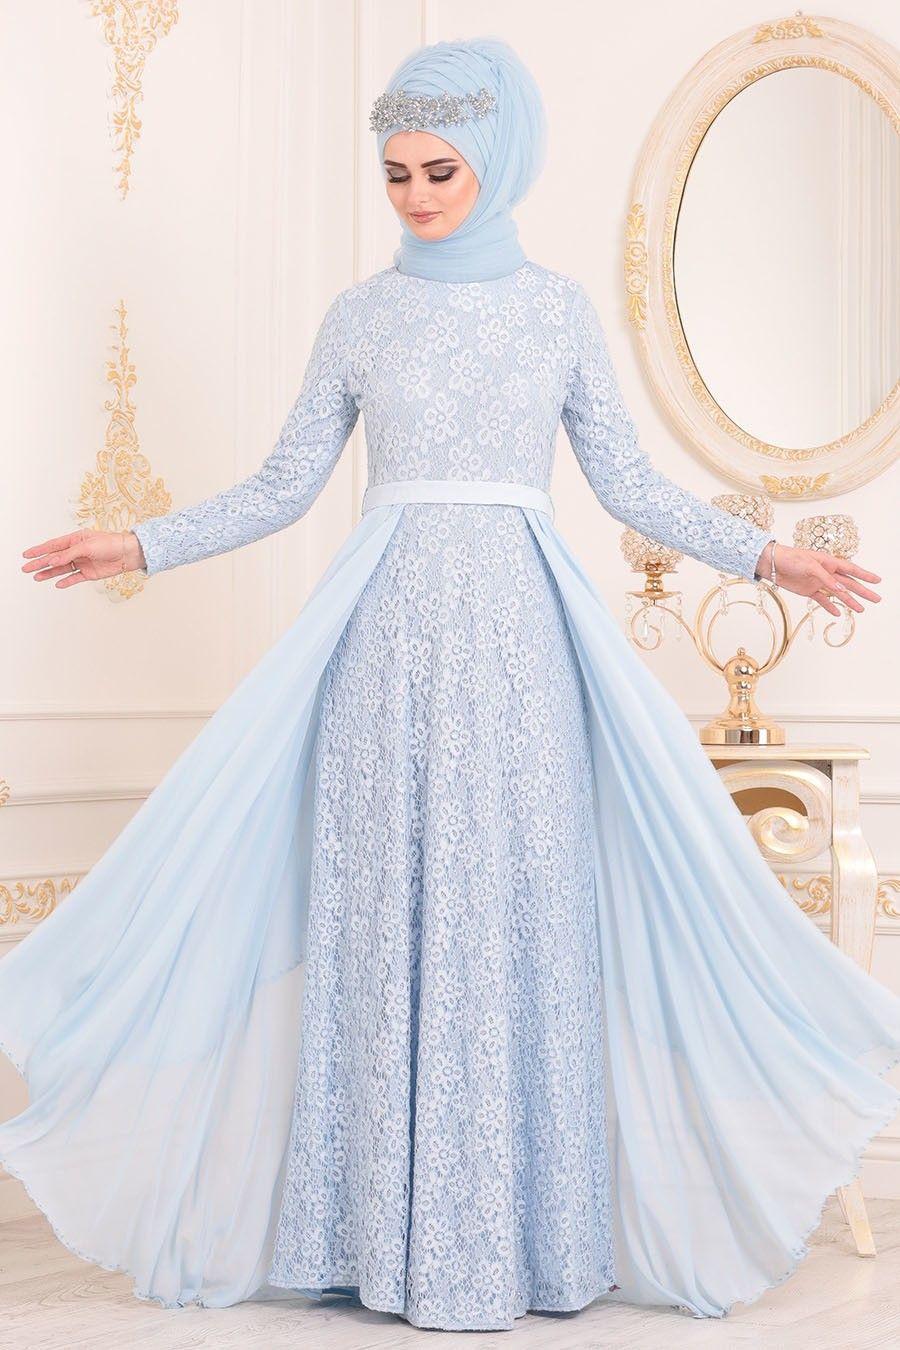 2018 2019 Yeni Sezon Ozel Tasarim Abiye Koleksiyonu Tesetturlu Abiye Elbise Pul Payet Detayli Pudra Tesettur Abiye Elbise 764 Elbiseler Elbise Islami Giyim